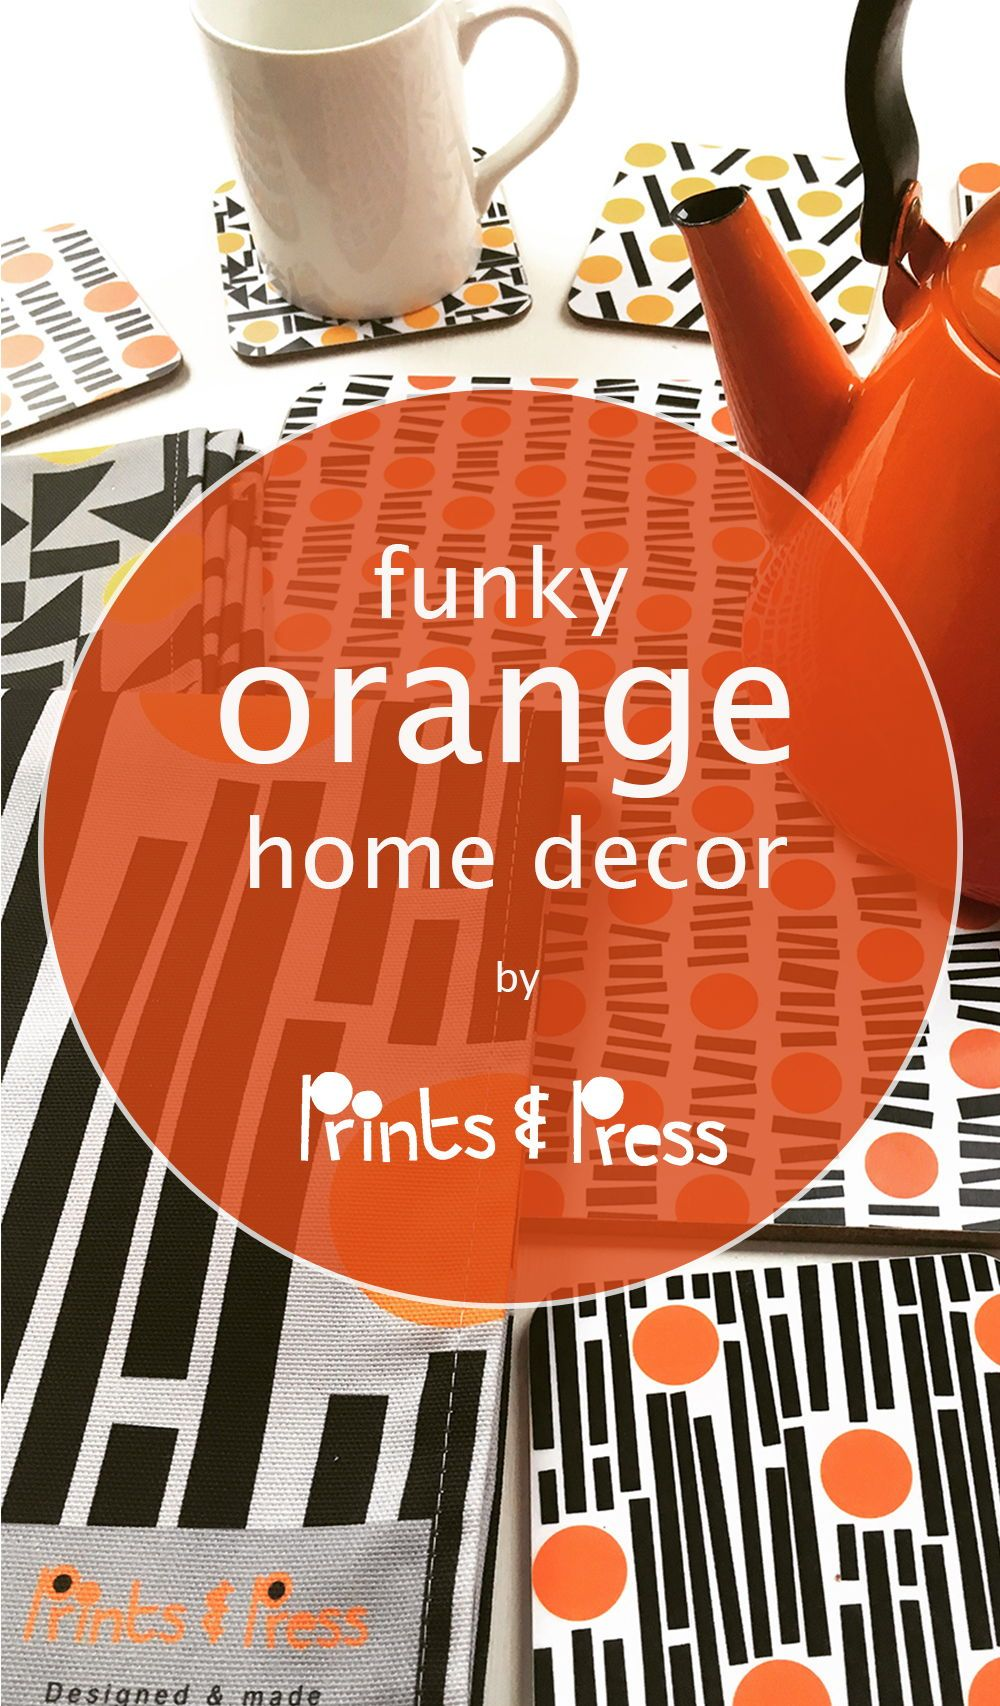 Orange Home Decor Accessories Orange Home Decor Bathroom Decor Accessories Bathroom Quotes Decor